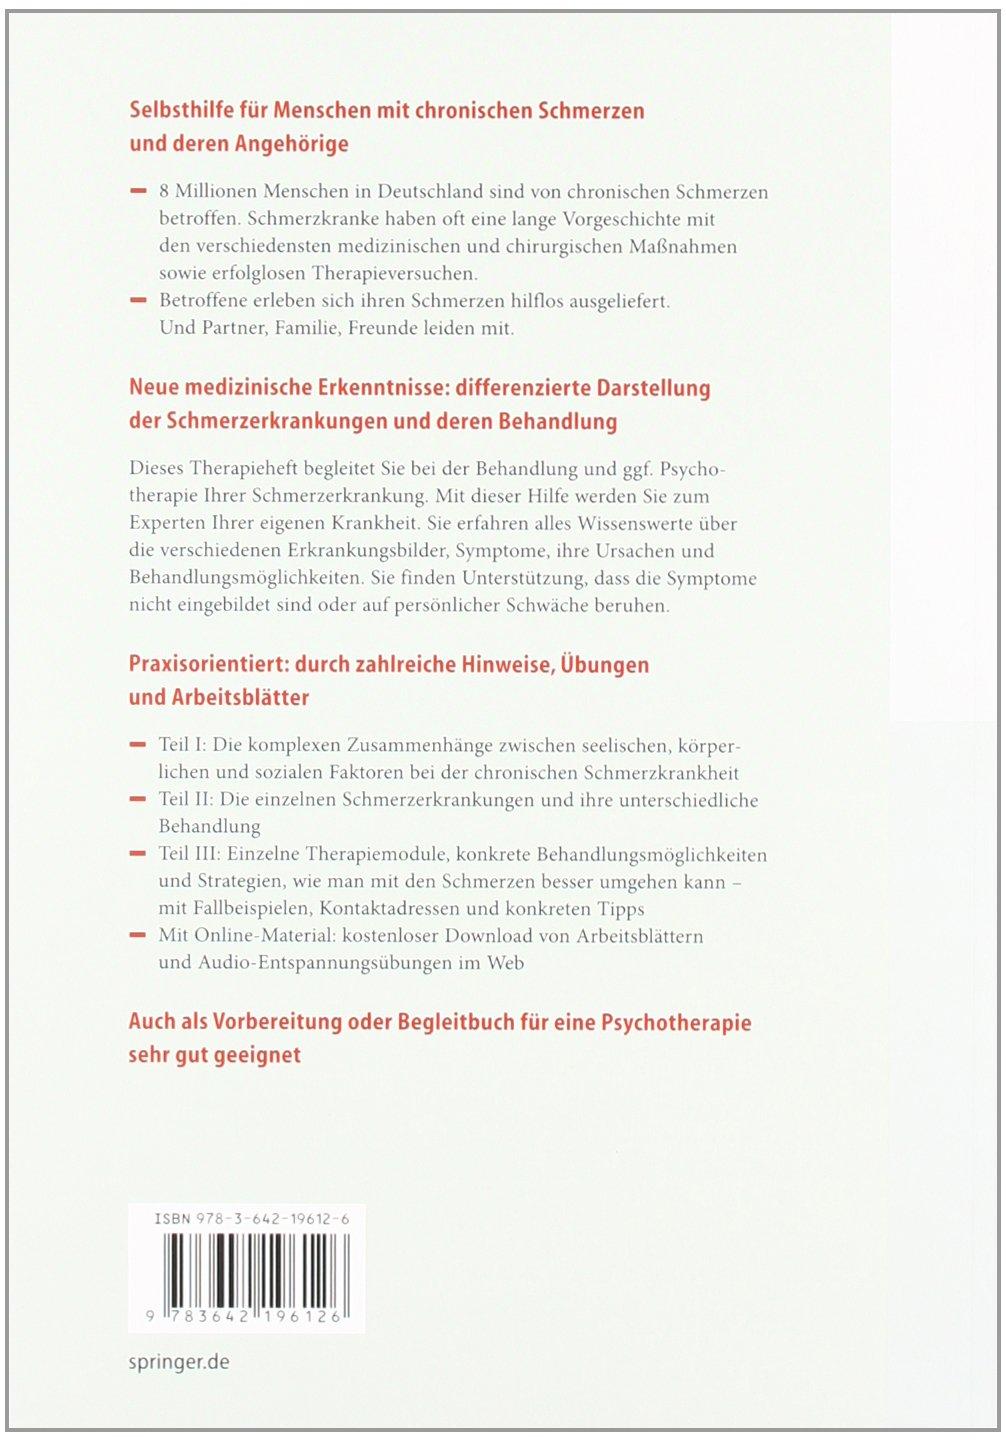 Chronische Schmerzen: Selbsthilfe und Therapiebegleitung ...